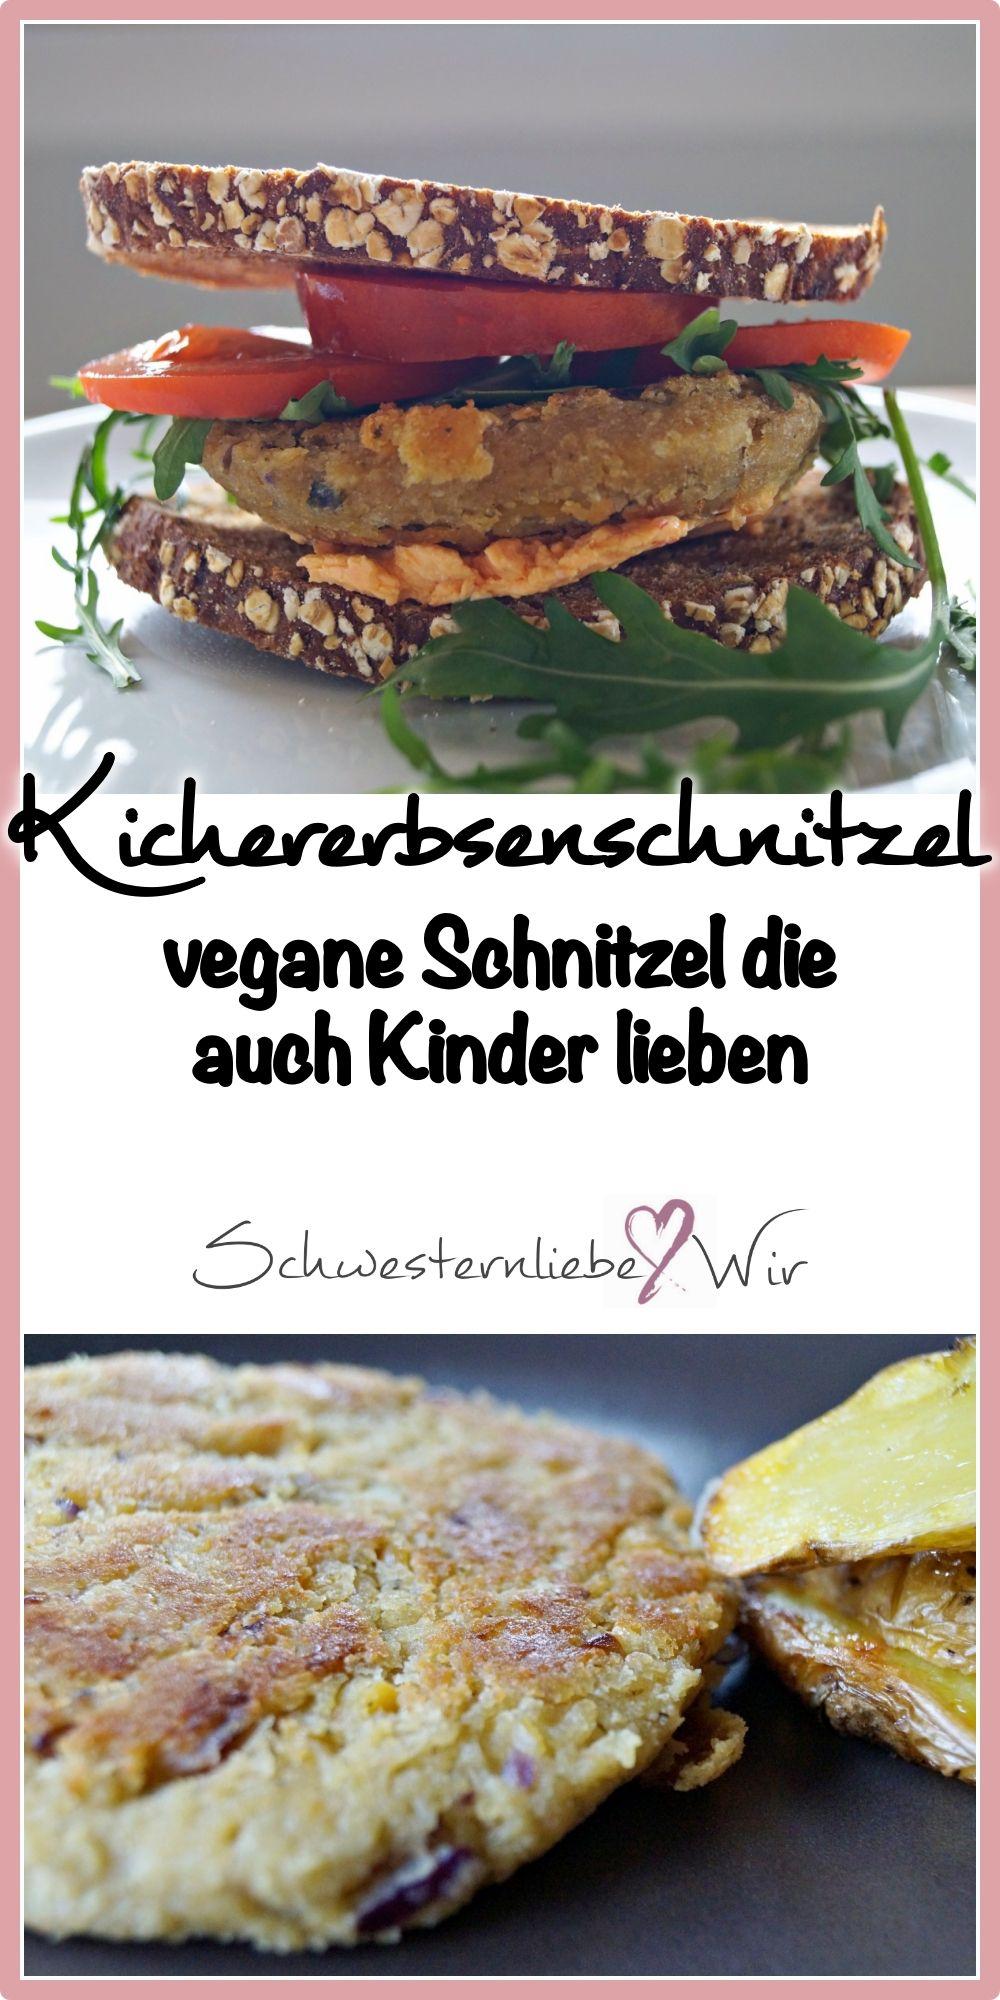 Kichererbsenschnitzel